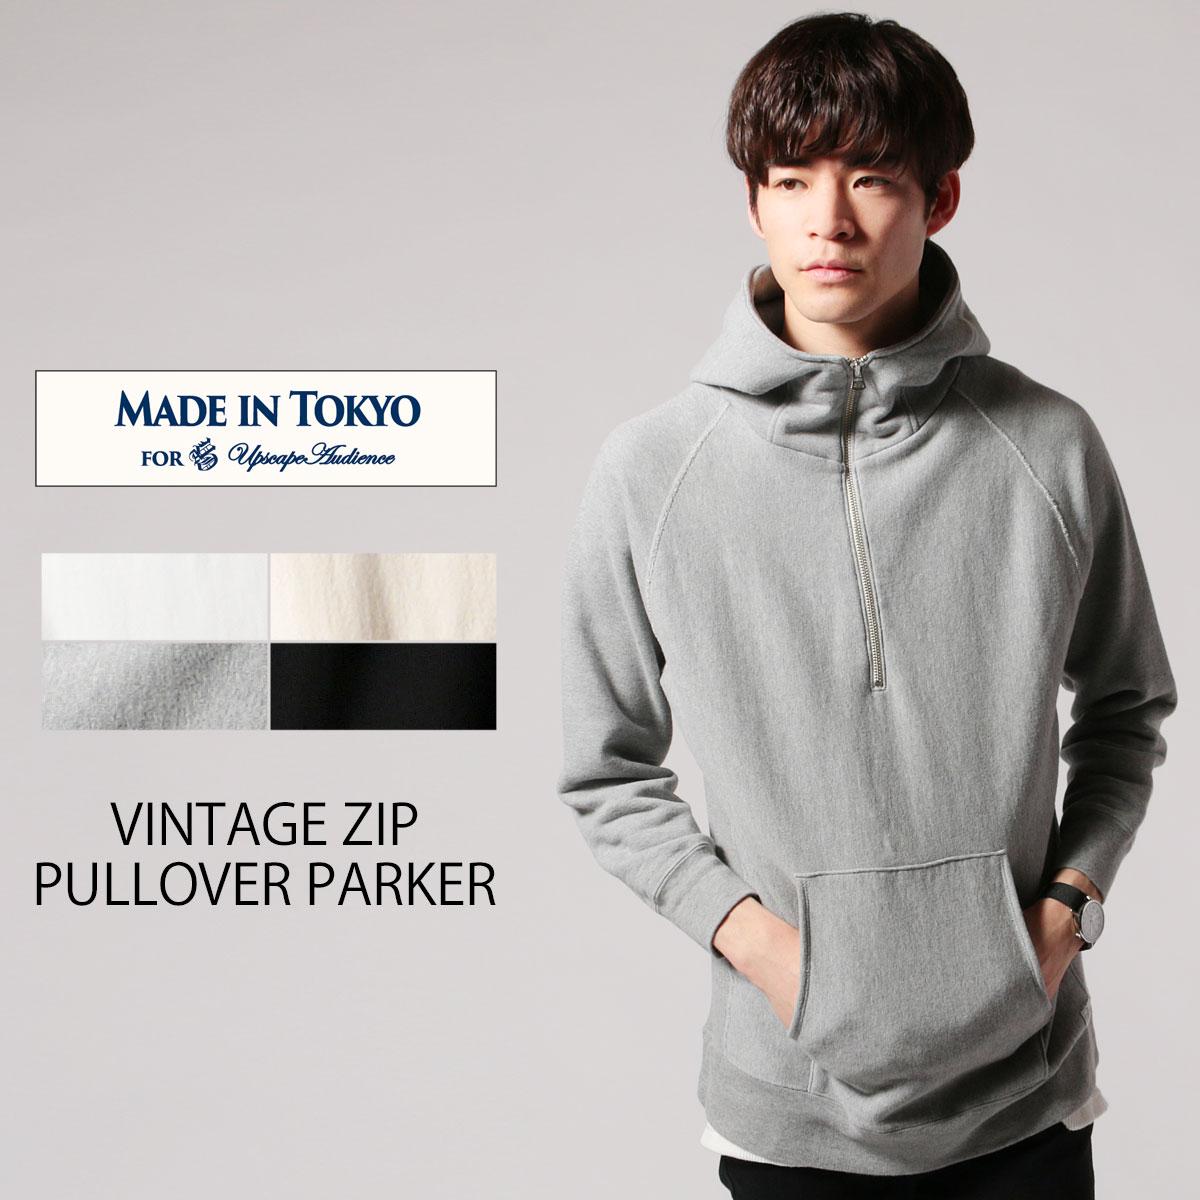 メンズ パーカー メンズファッション 日本製 ヴィンテージ 裏毛 ハーフZIP プルオーバー 9Sパーカー Upscape Audience アップスケープオーディエンス MADE IN TOKYO メイドイントウキョウ AUD1967